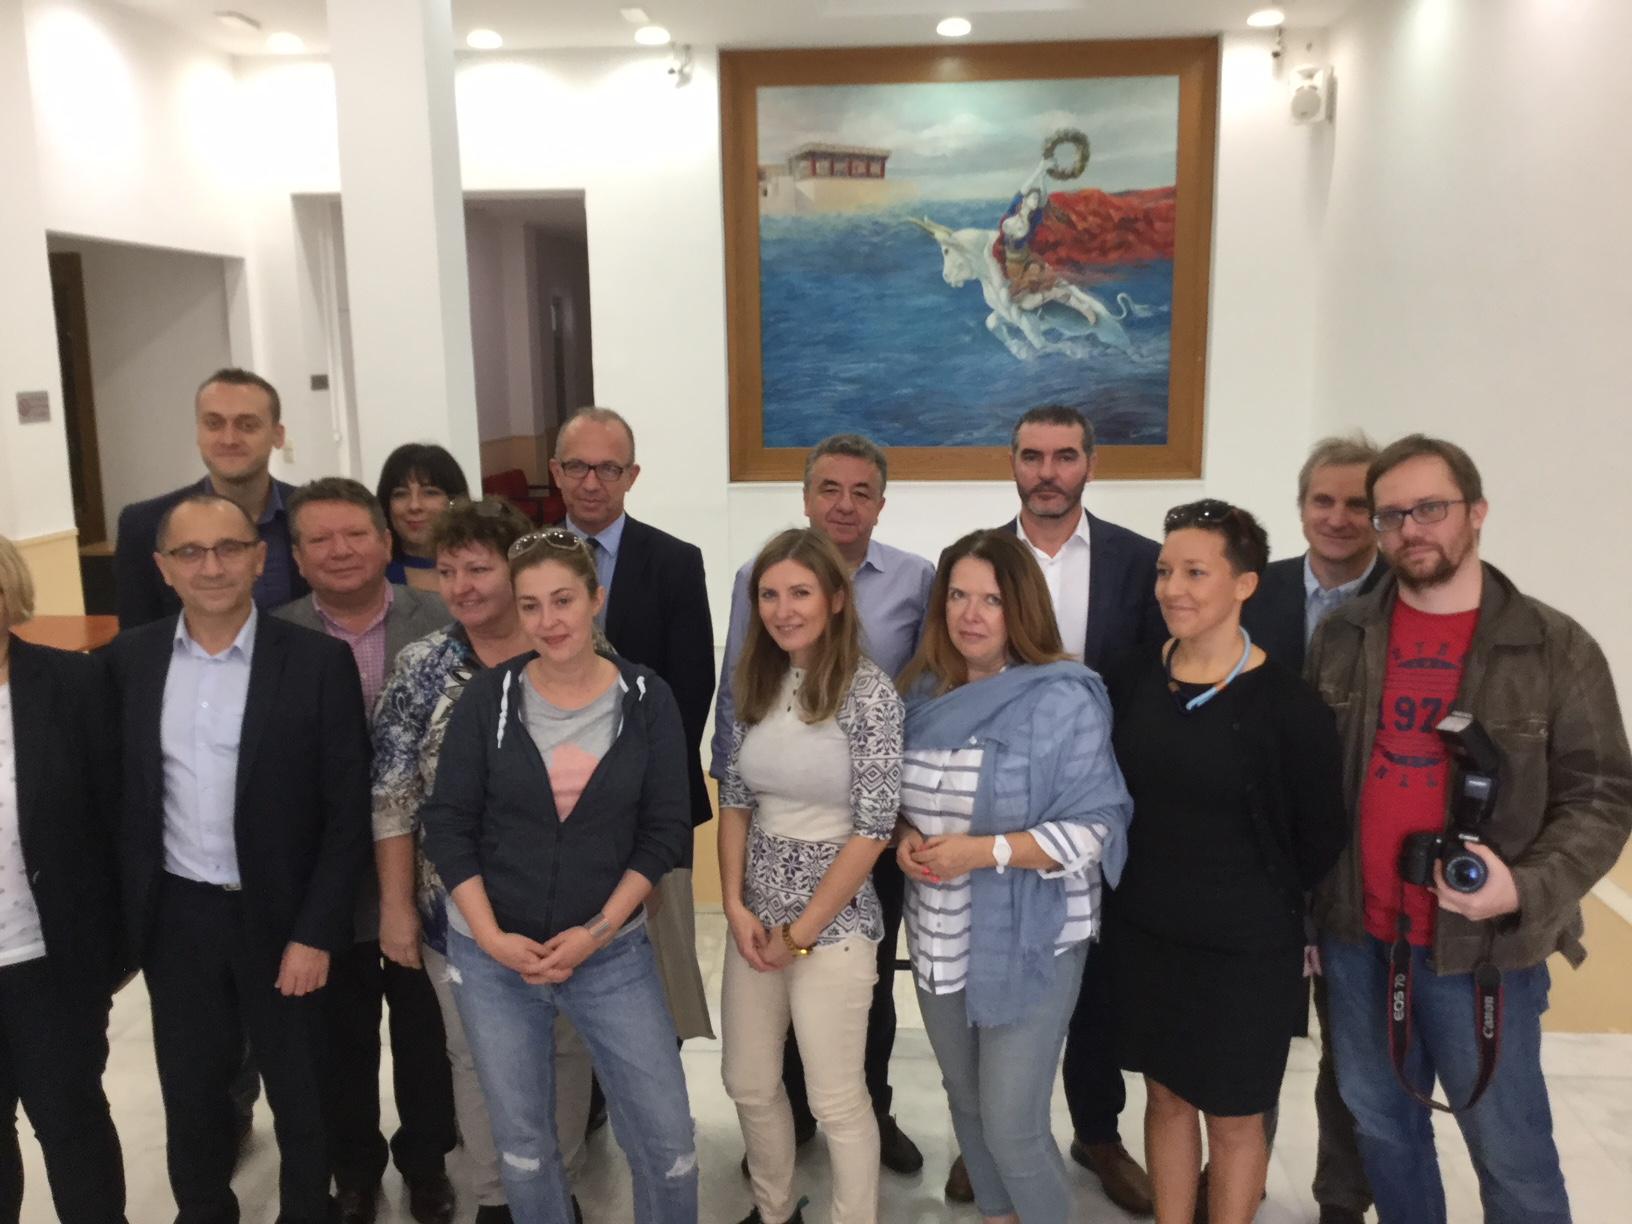 Πολωνοί εισαγωγείς τροφίμων στην Περιφέρεια Κρήτης και με b2b συναντήσεις στα Επιμελητήρια Ηρακλείου και Ρεθύμνου